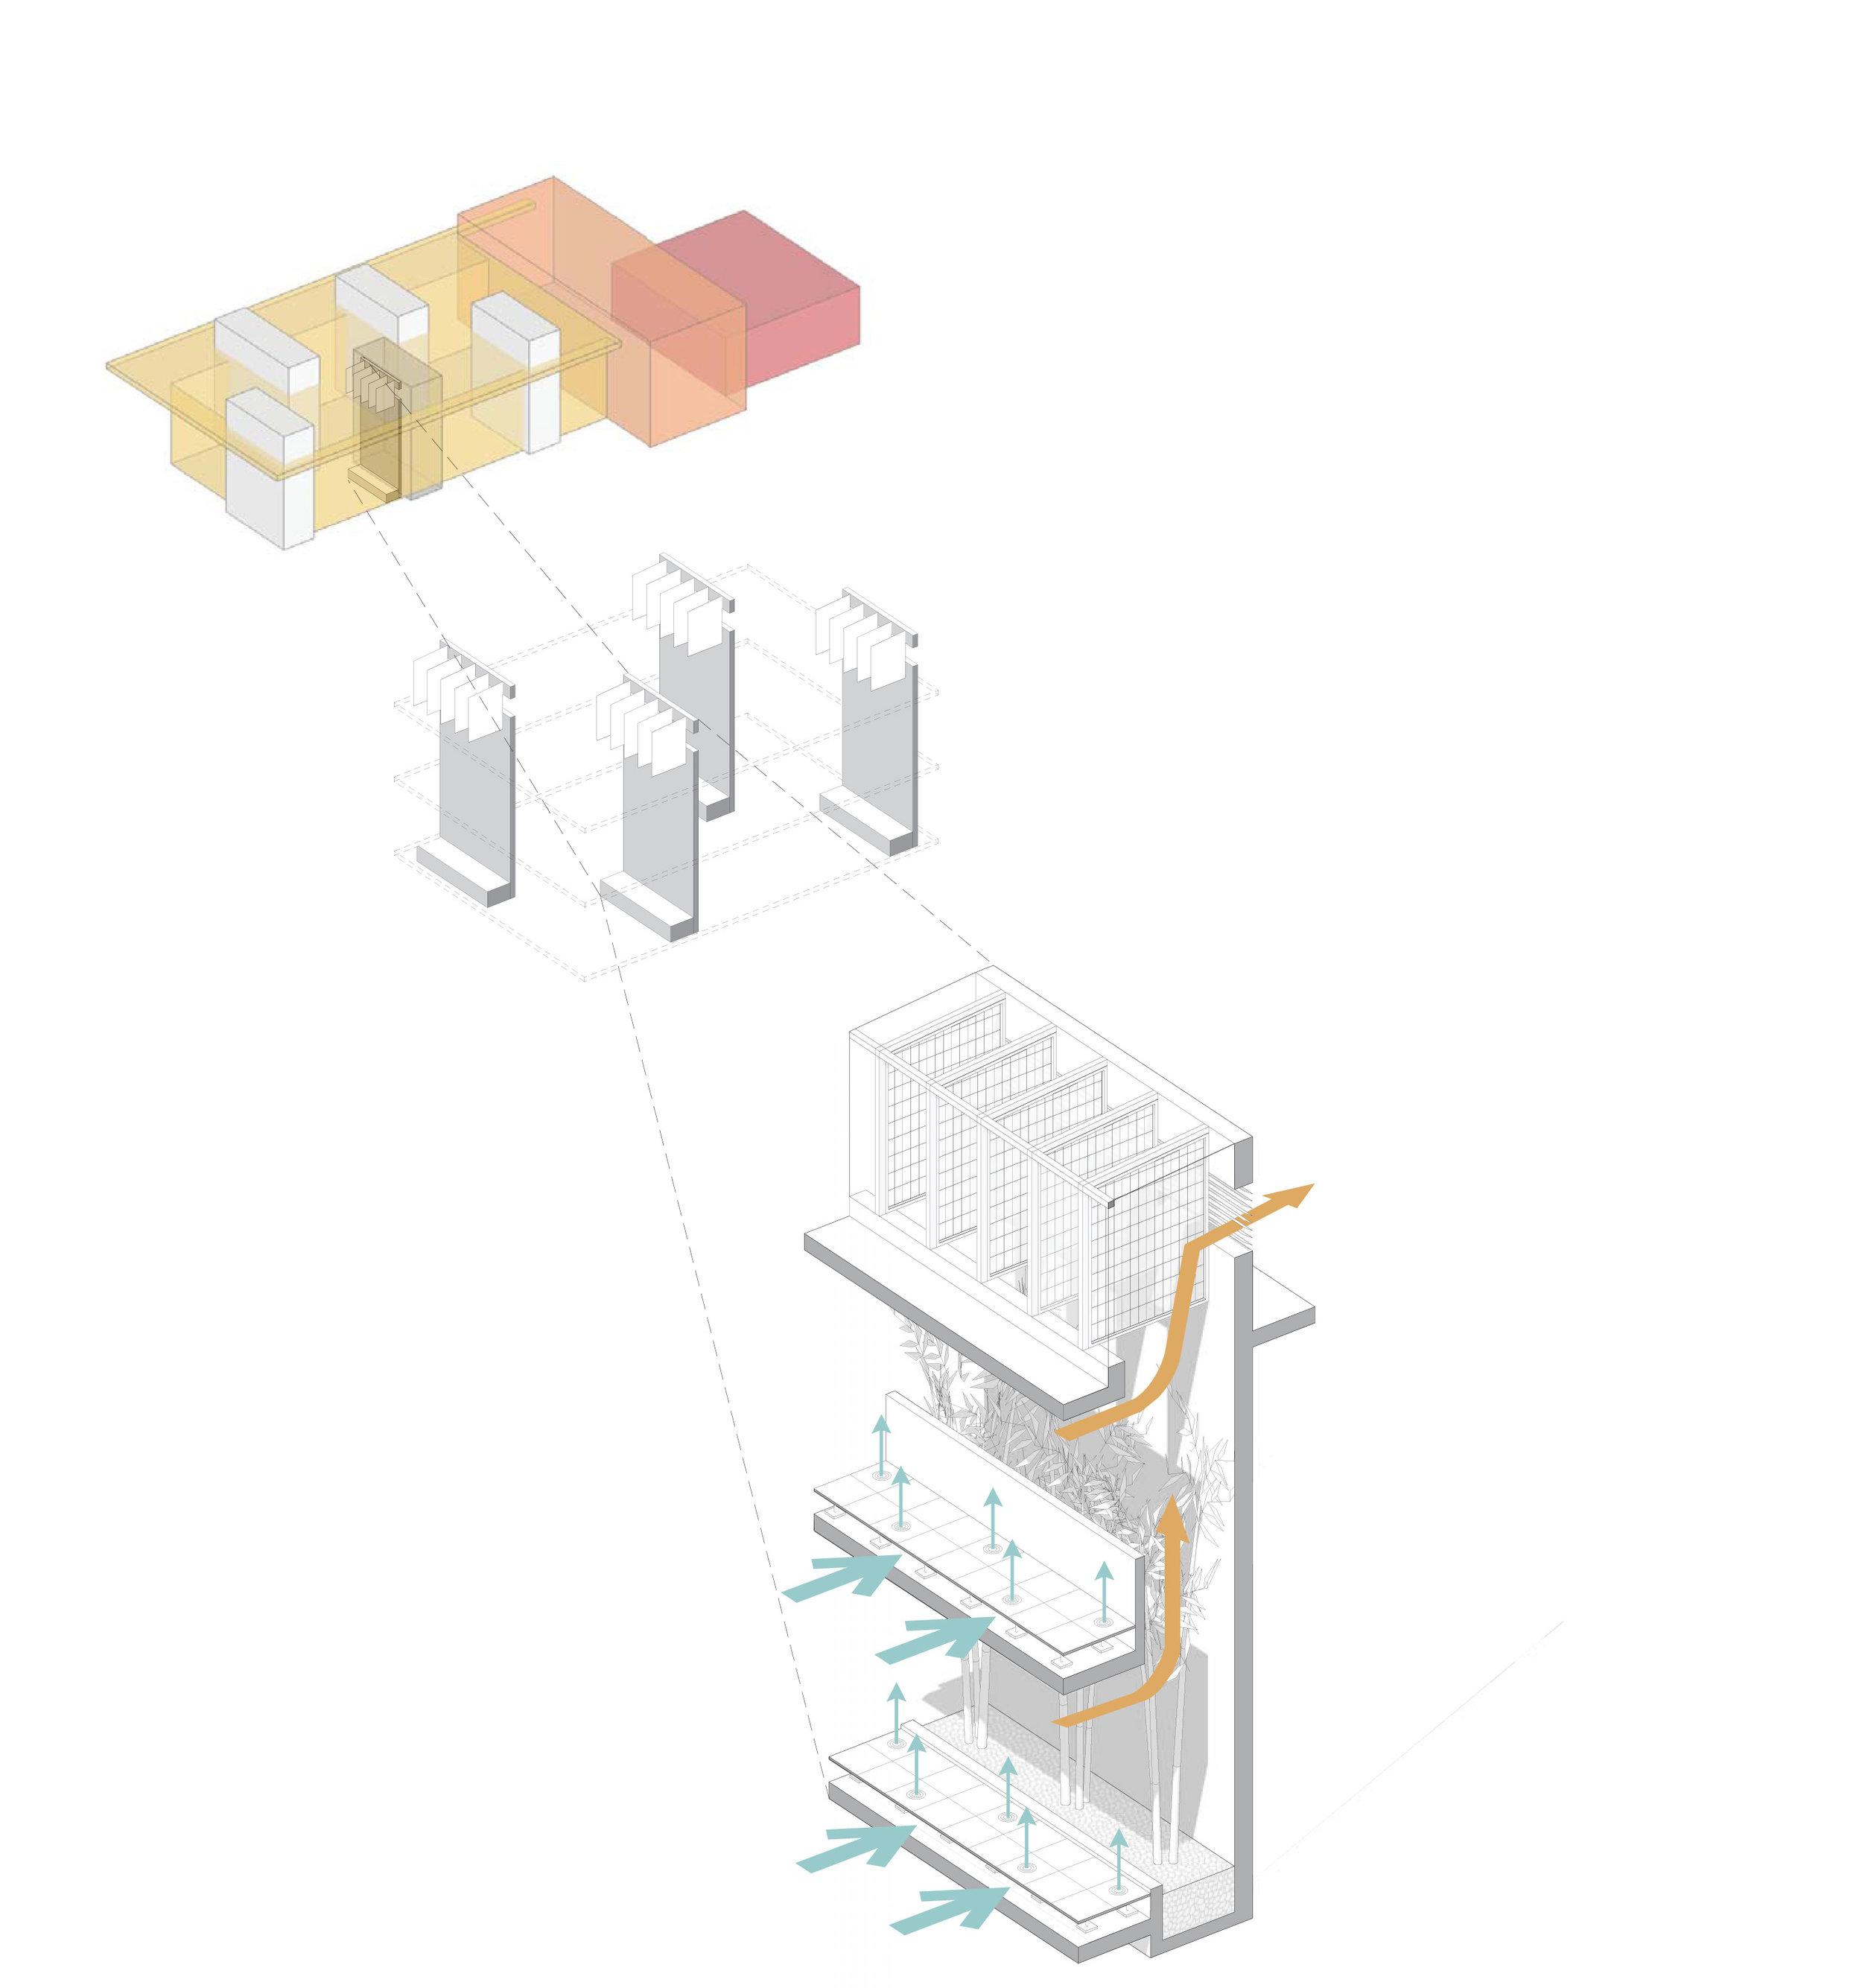 Figure 10.6c